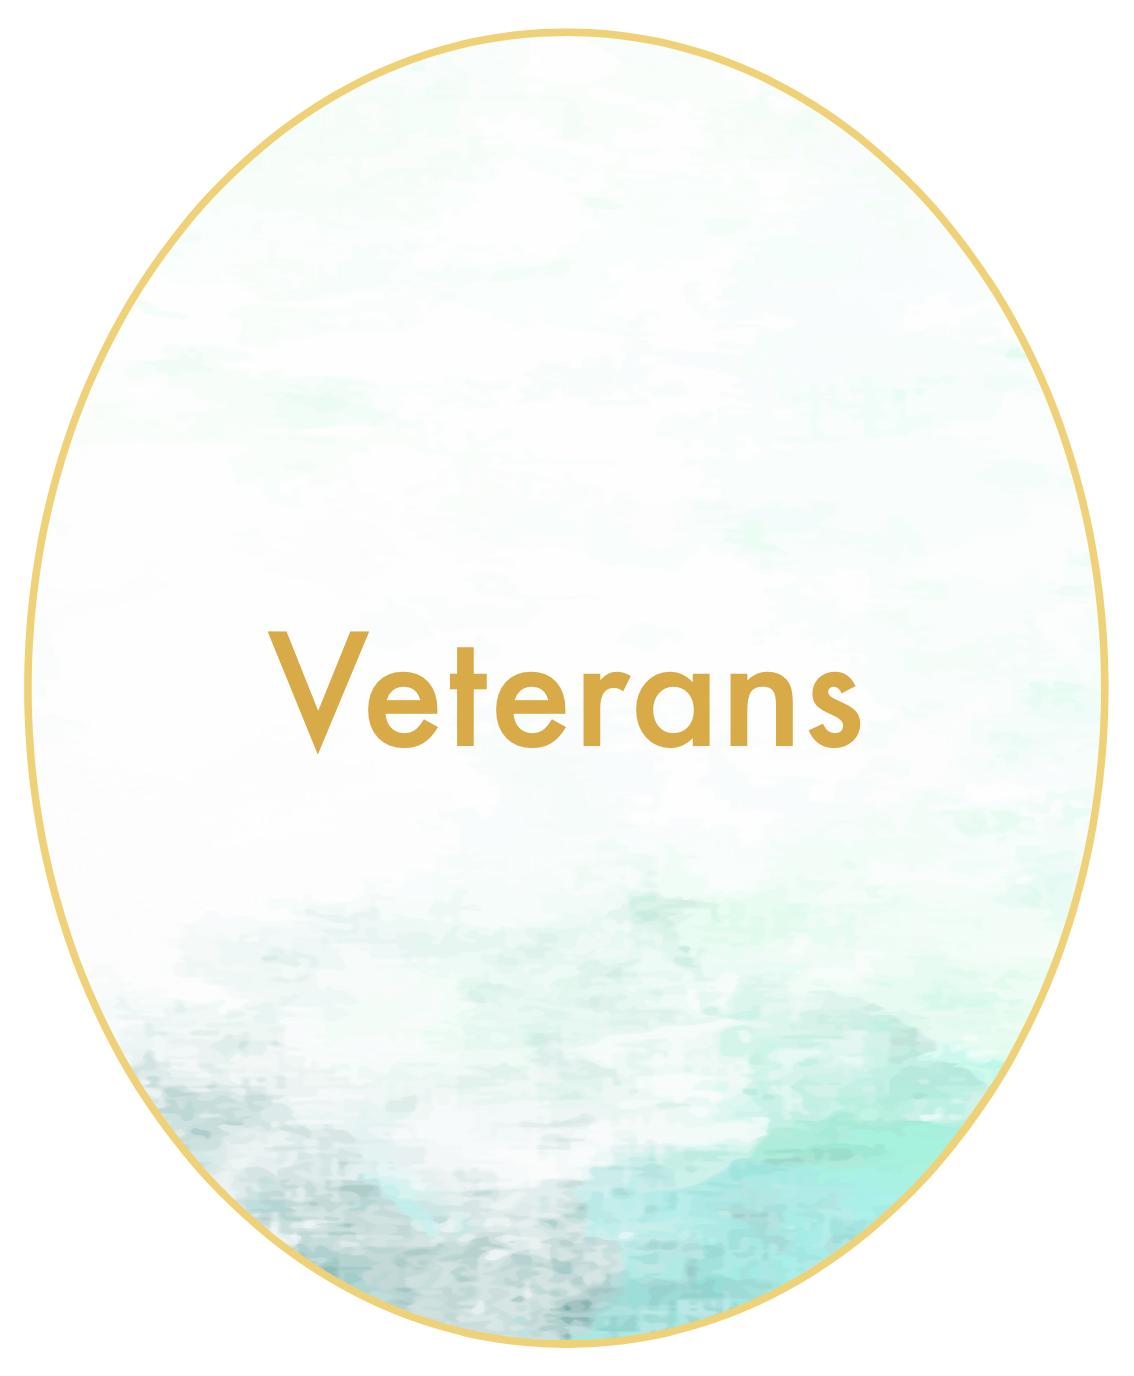 Veterans 6.10.19.png